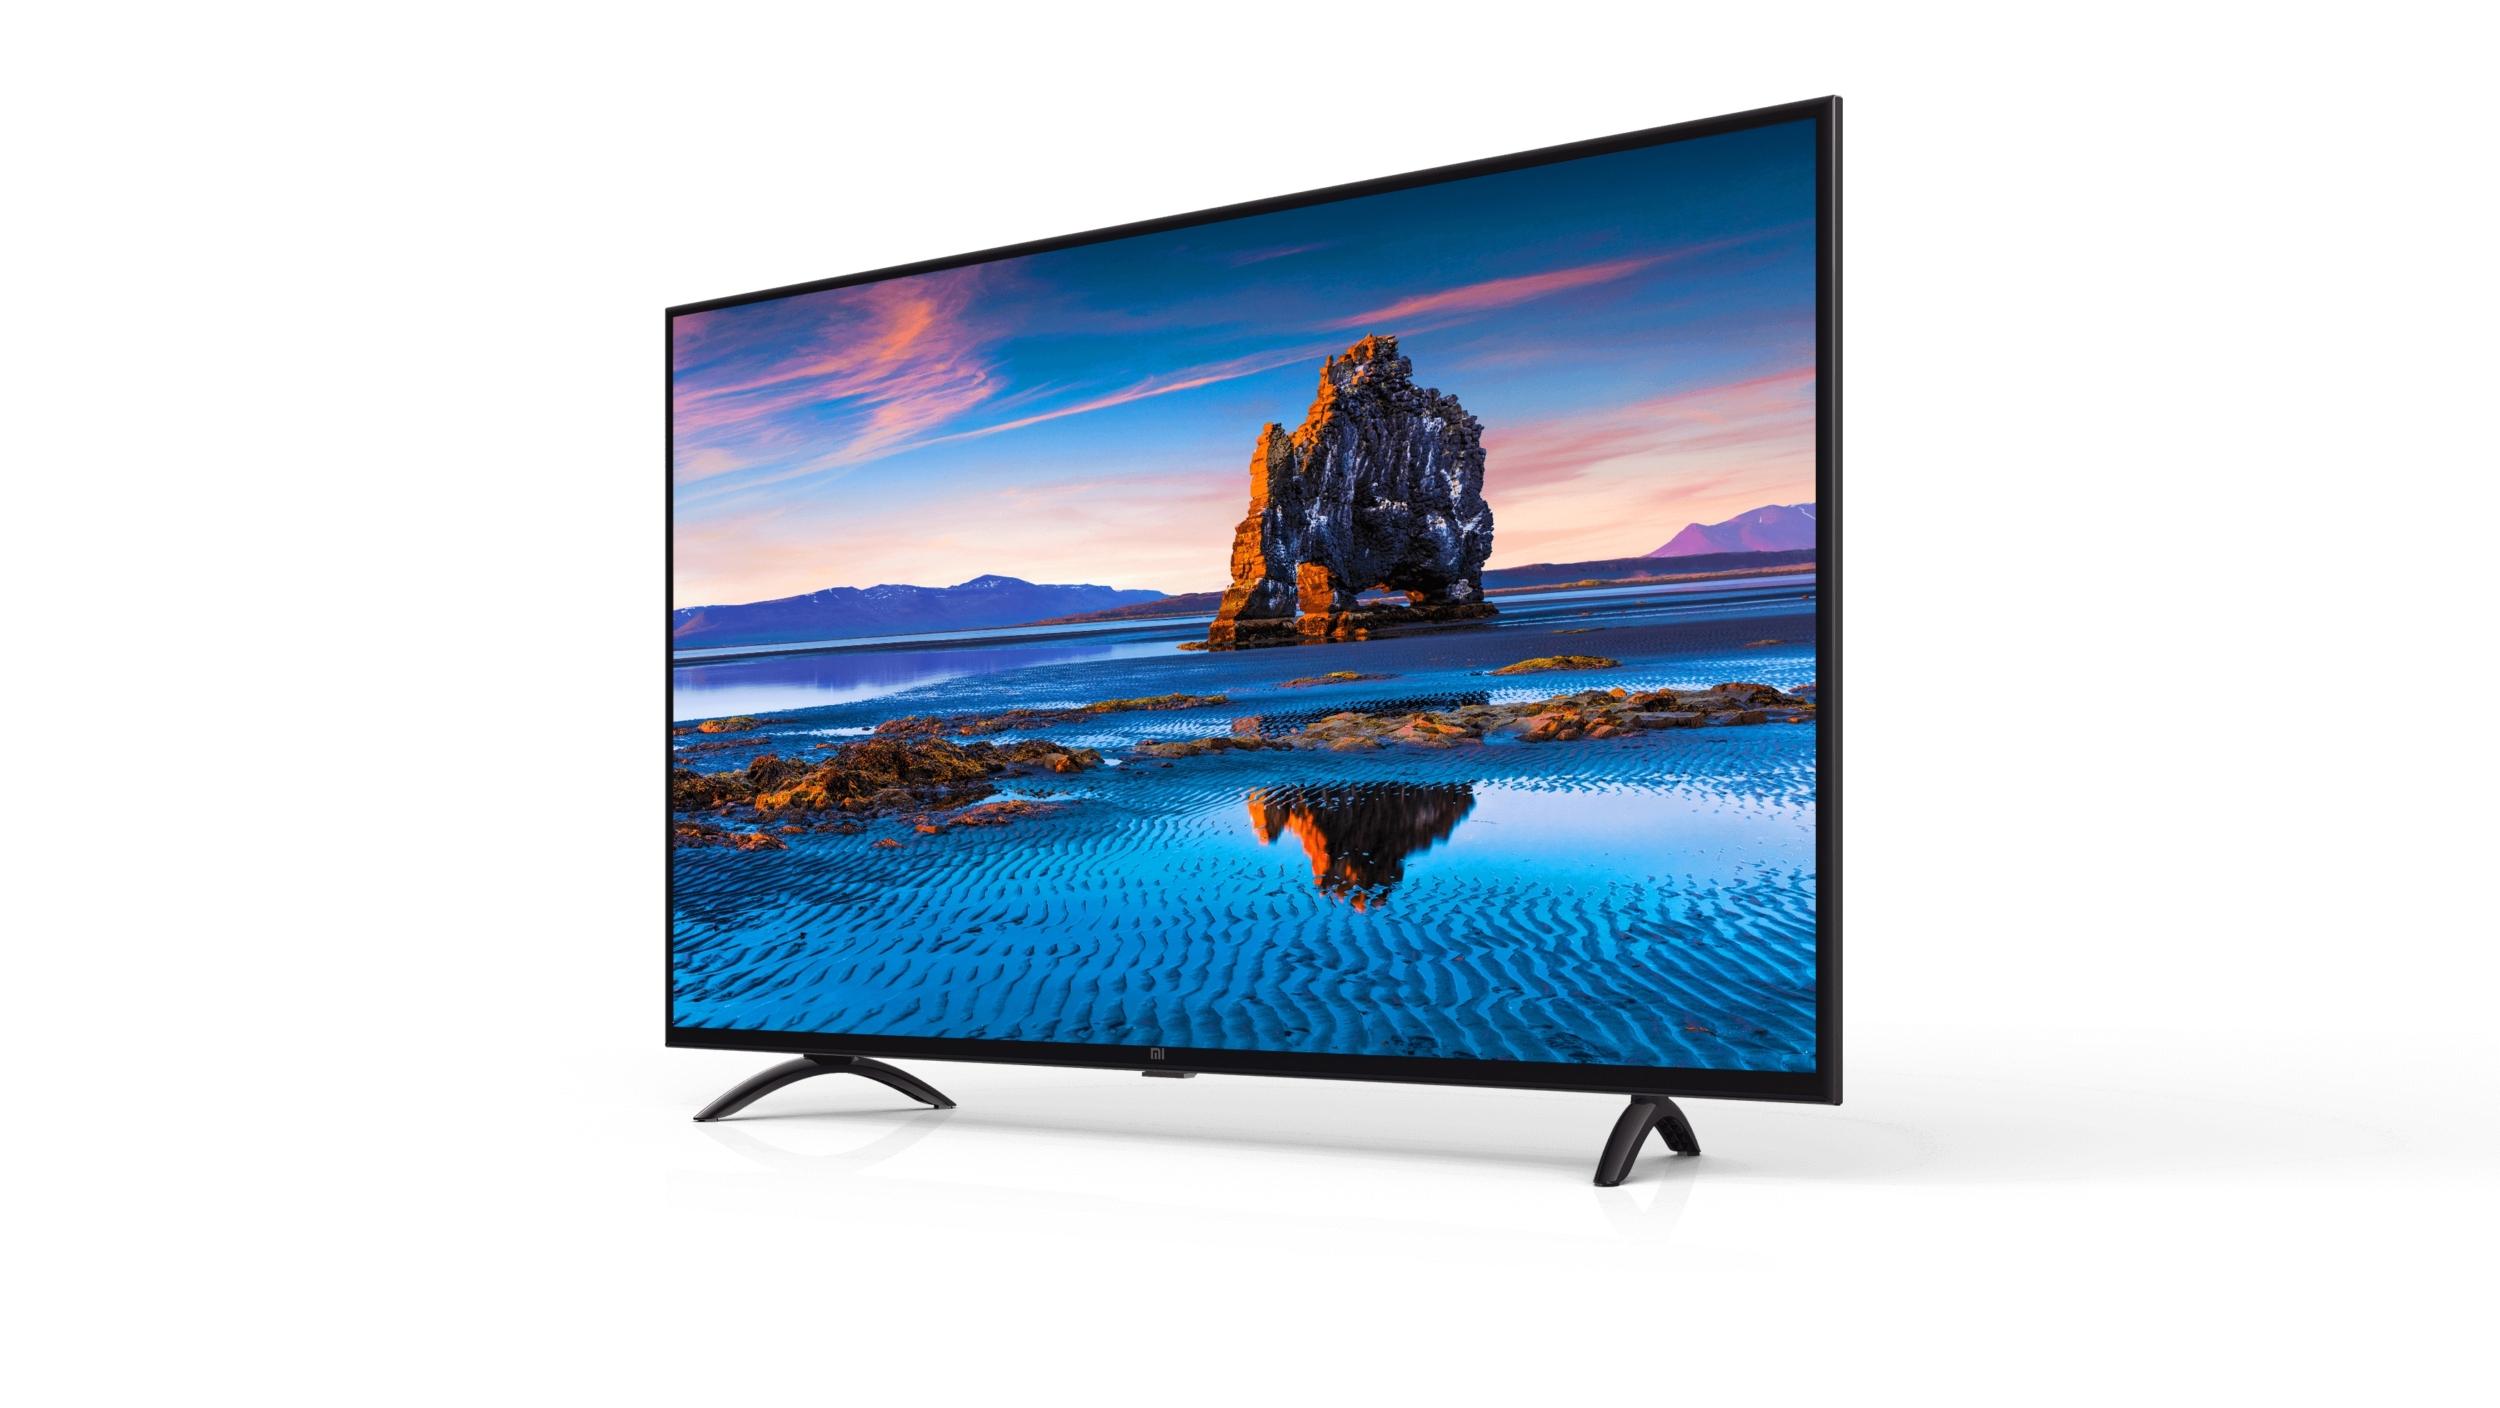 Skvělý televizor Xiaomi Mi TV 4A v akci jen za 4 750 Kč! [sponzorovaný článek]